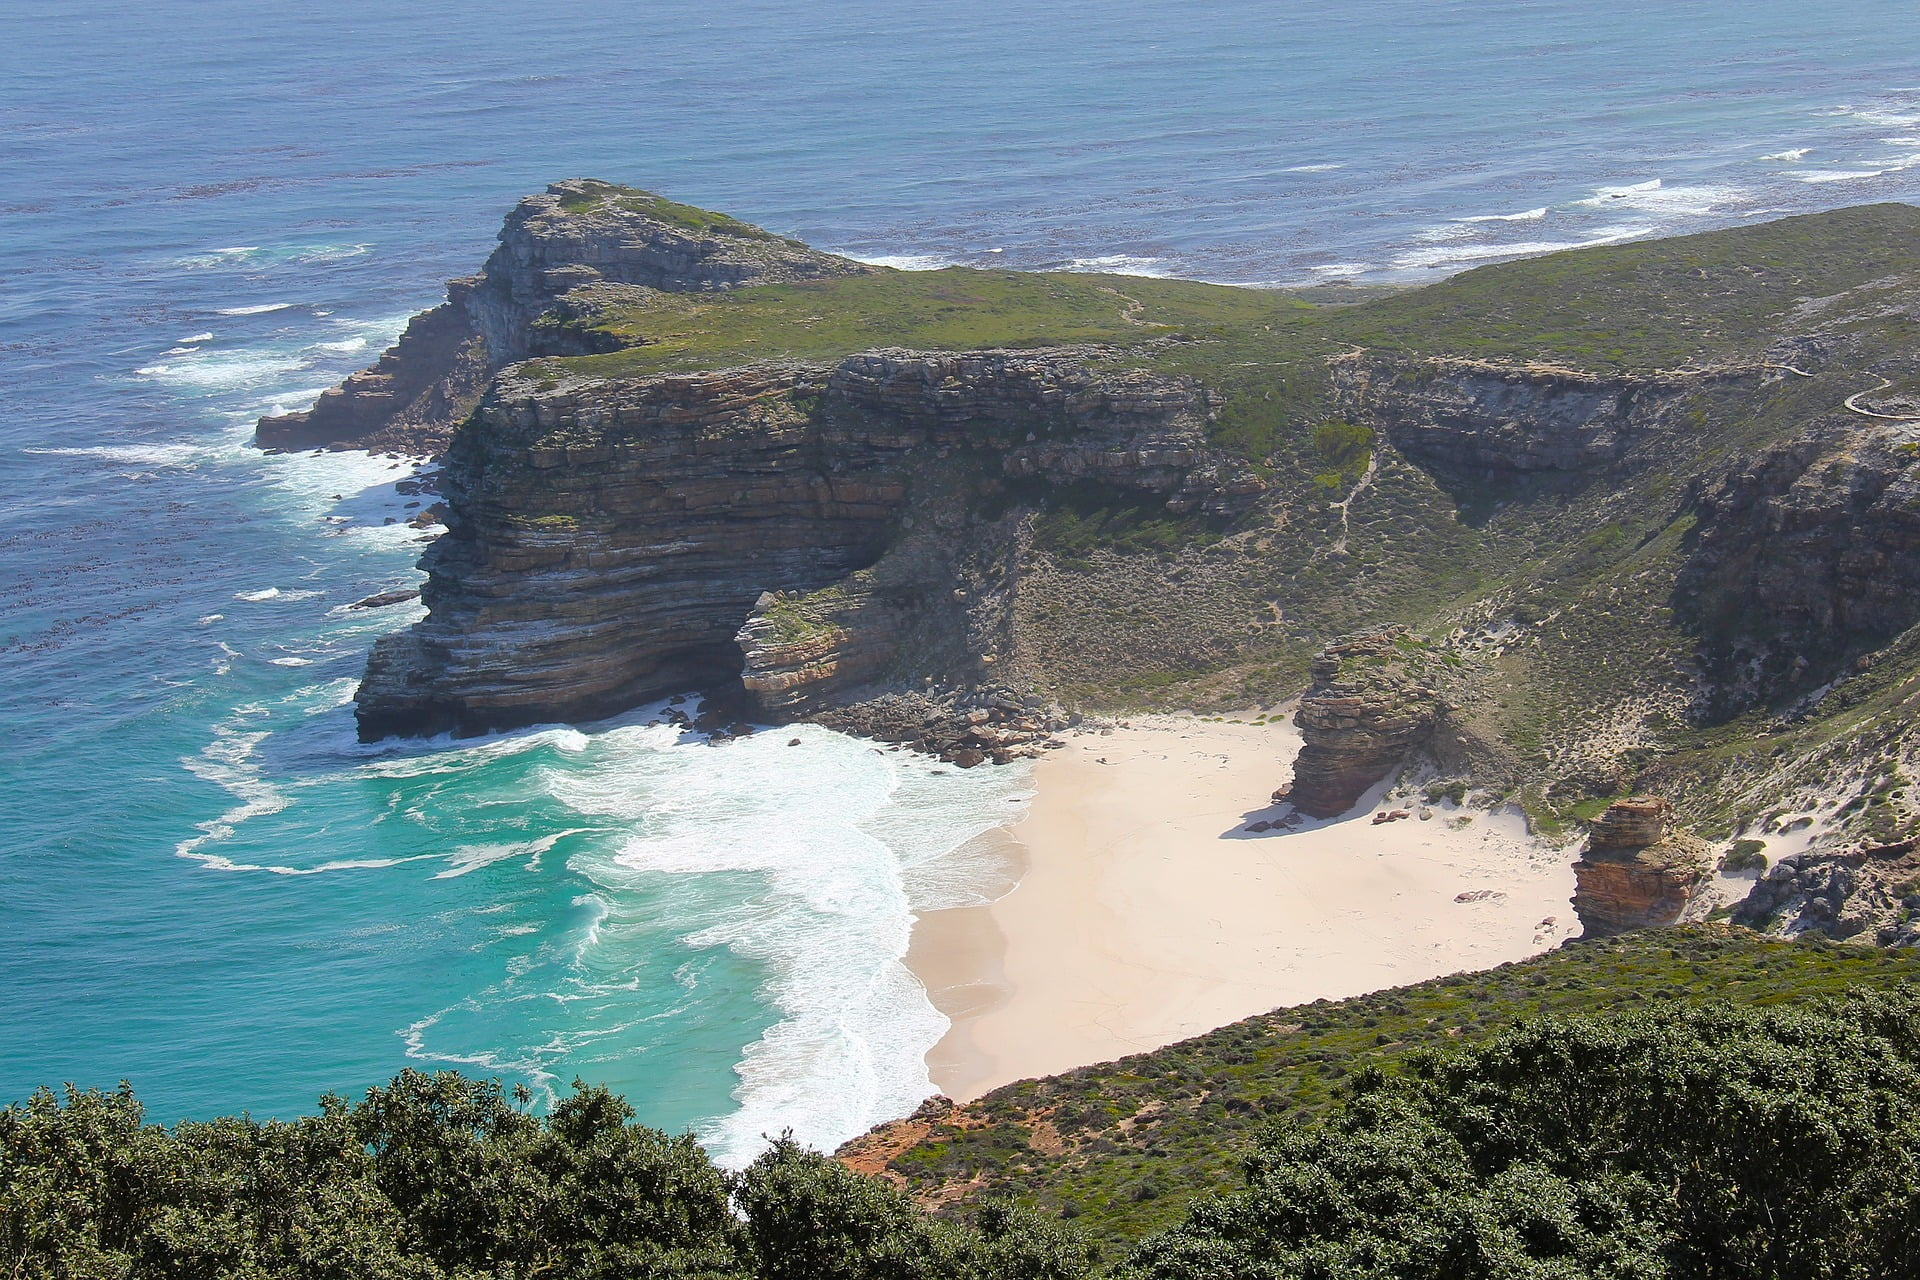 Turismo en África, Cabo de Buena Esperanza, Sudáfrica